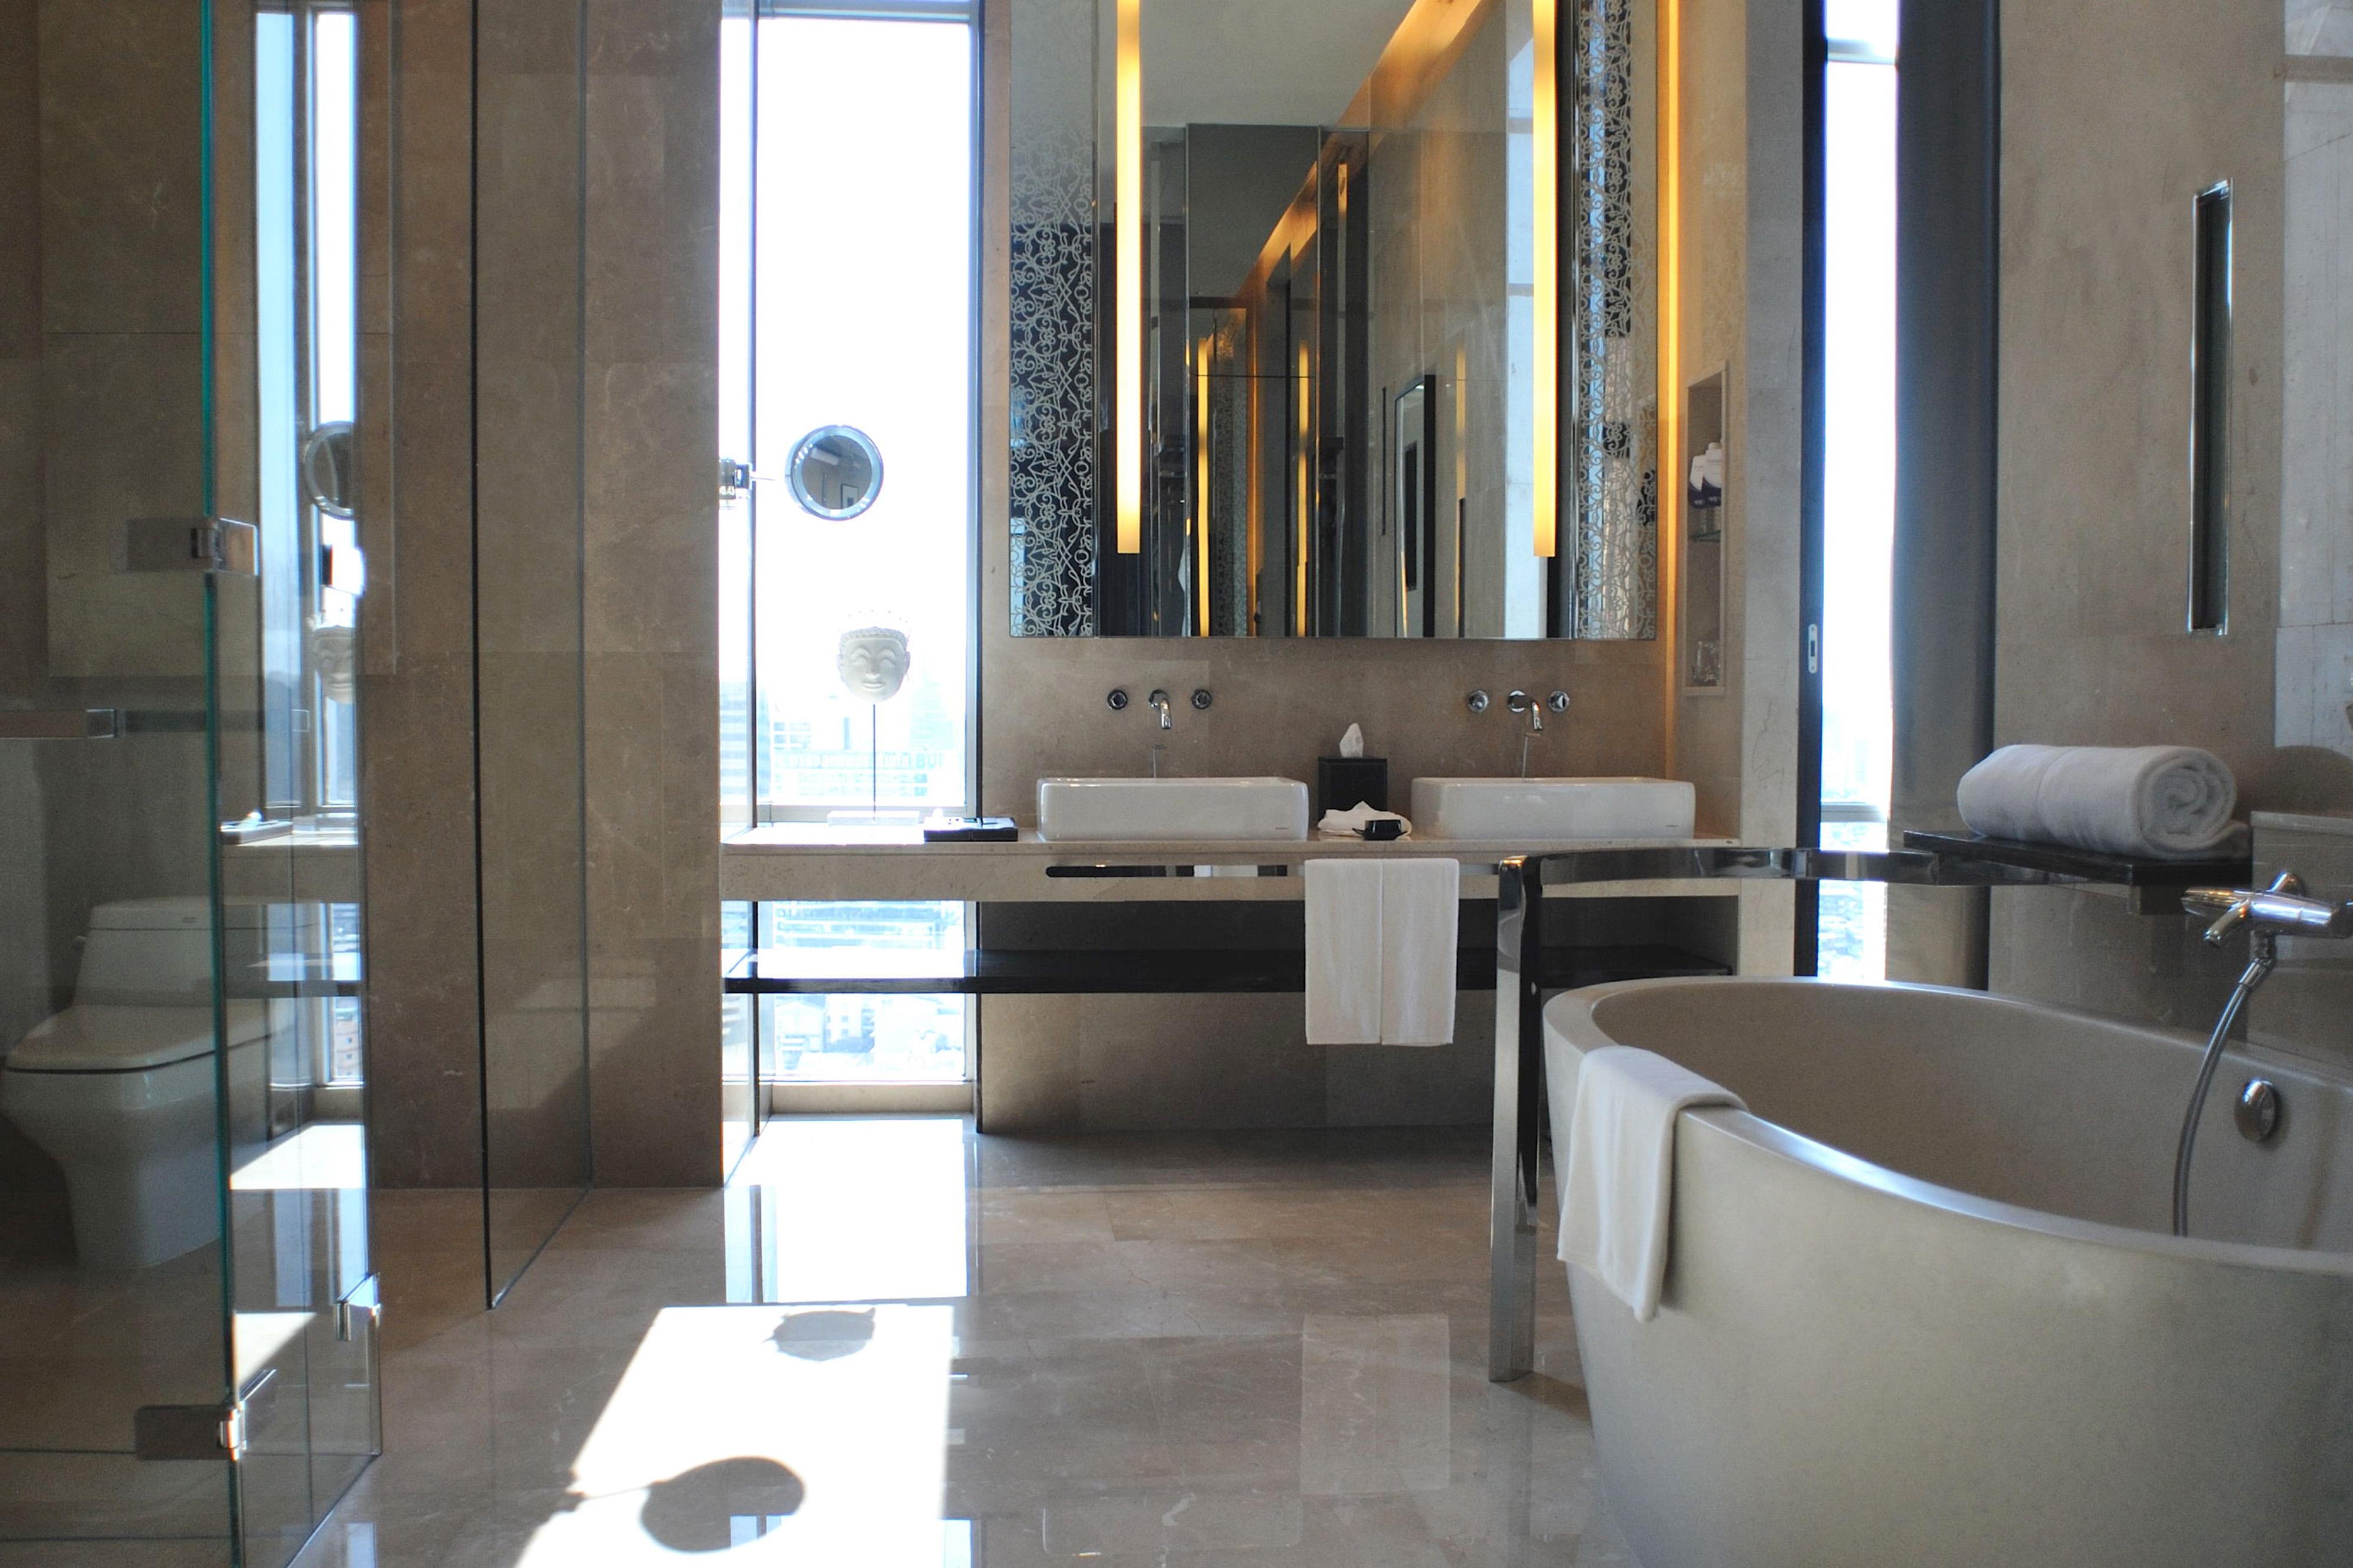 Grande Avantgarde Suite Bathroom